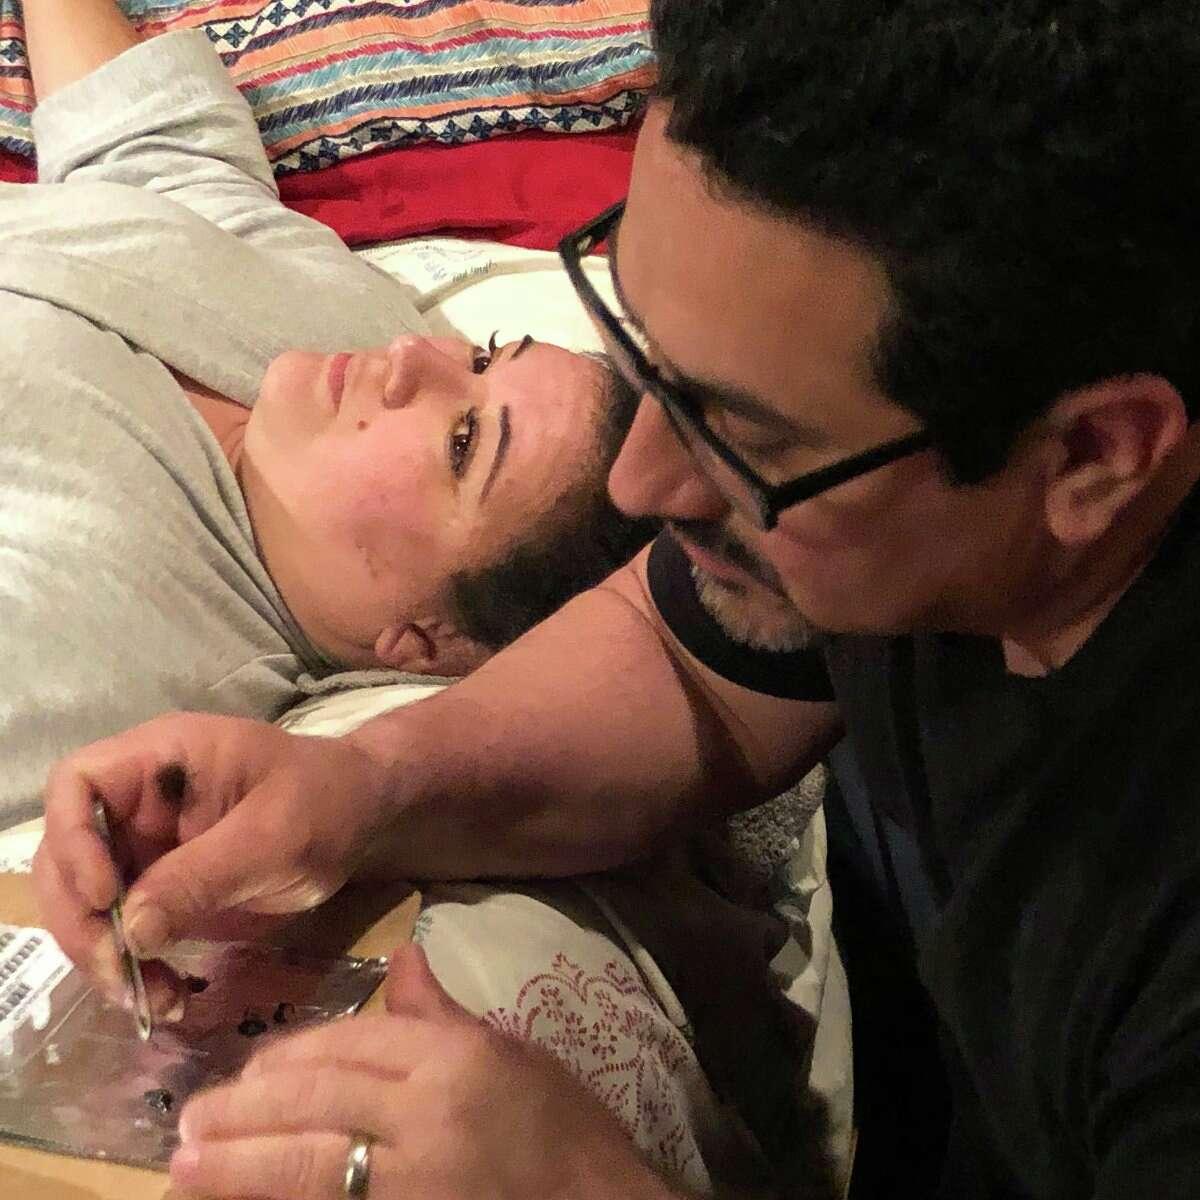 Juan Vela applying eyelashes for his wife, Maricela Vela.